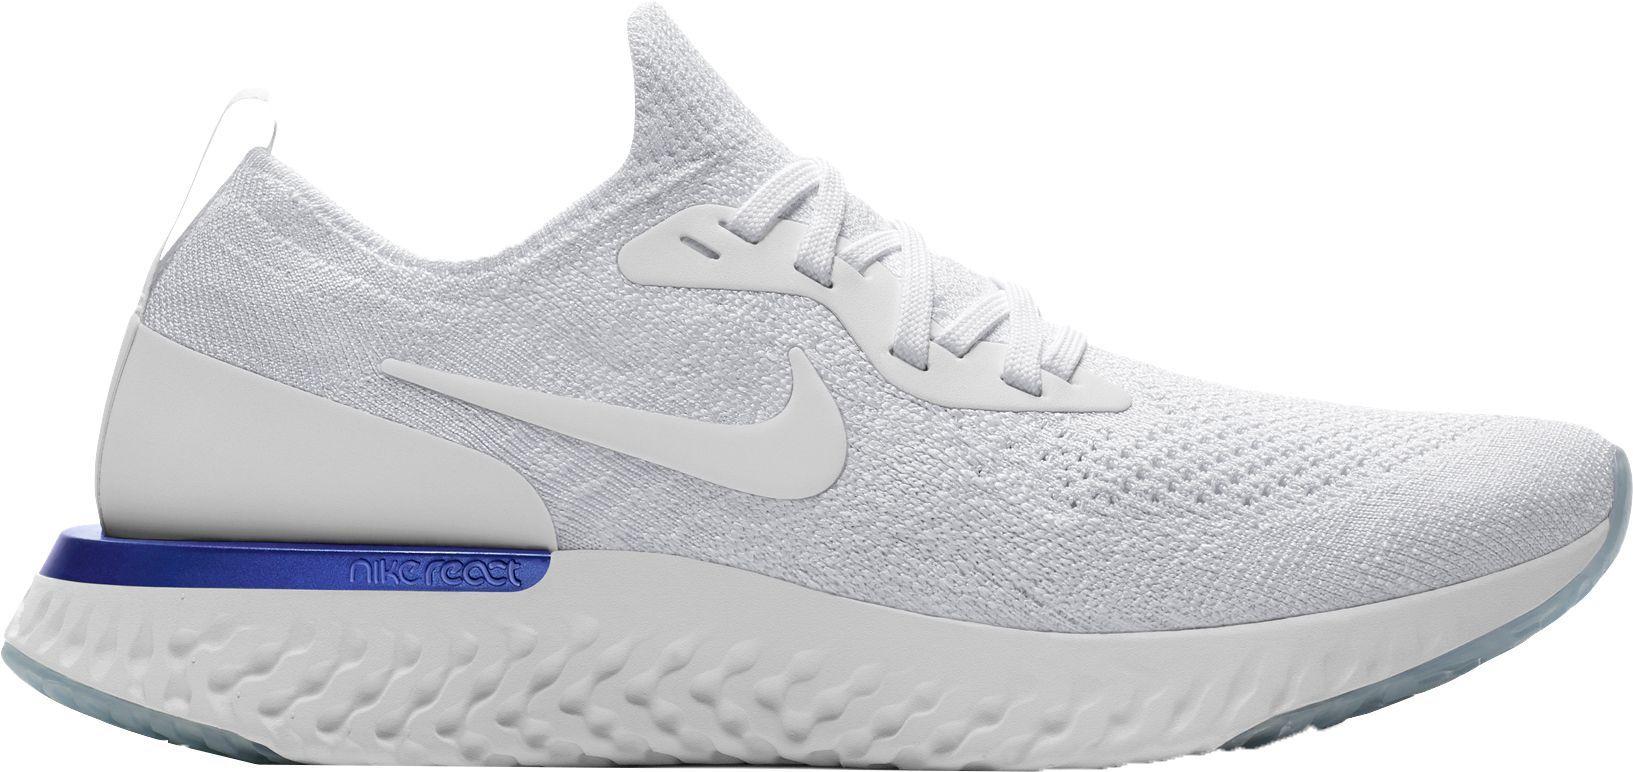 Nike Women s Epic React Flyknit Running Shoes  c2ec164b6